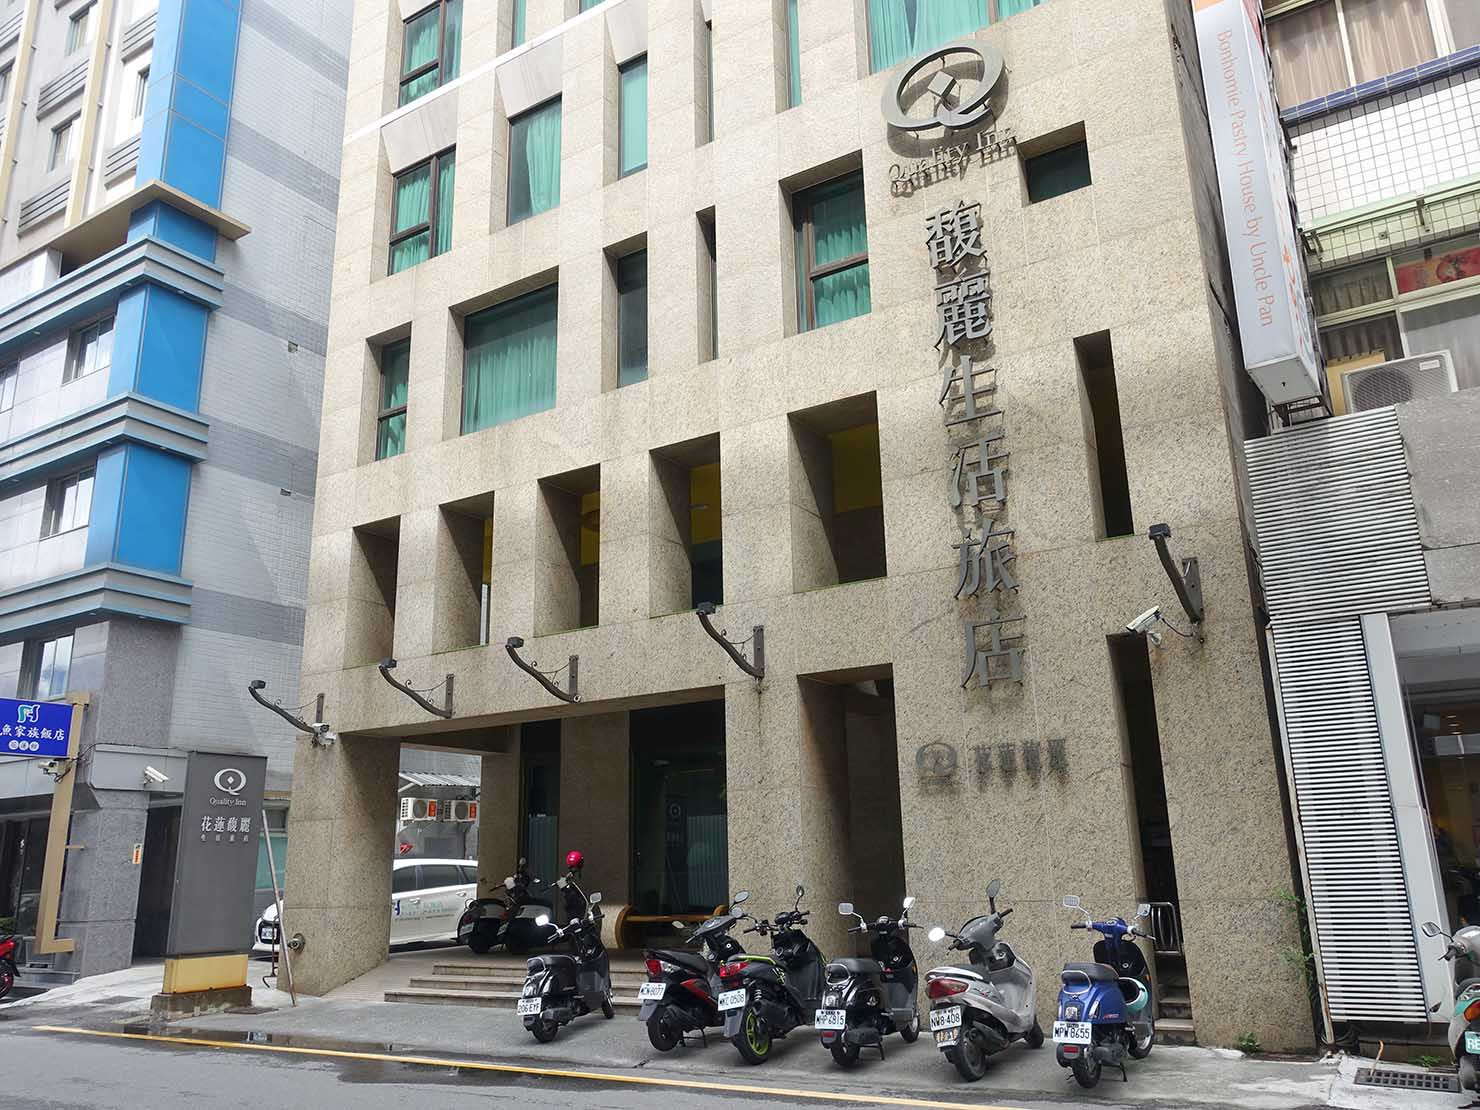 花蓮市街中心部にあるホテル「馥麗生活旅店 Quality Inn」の外観